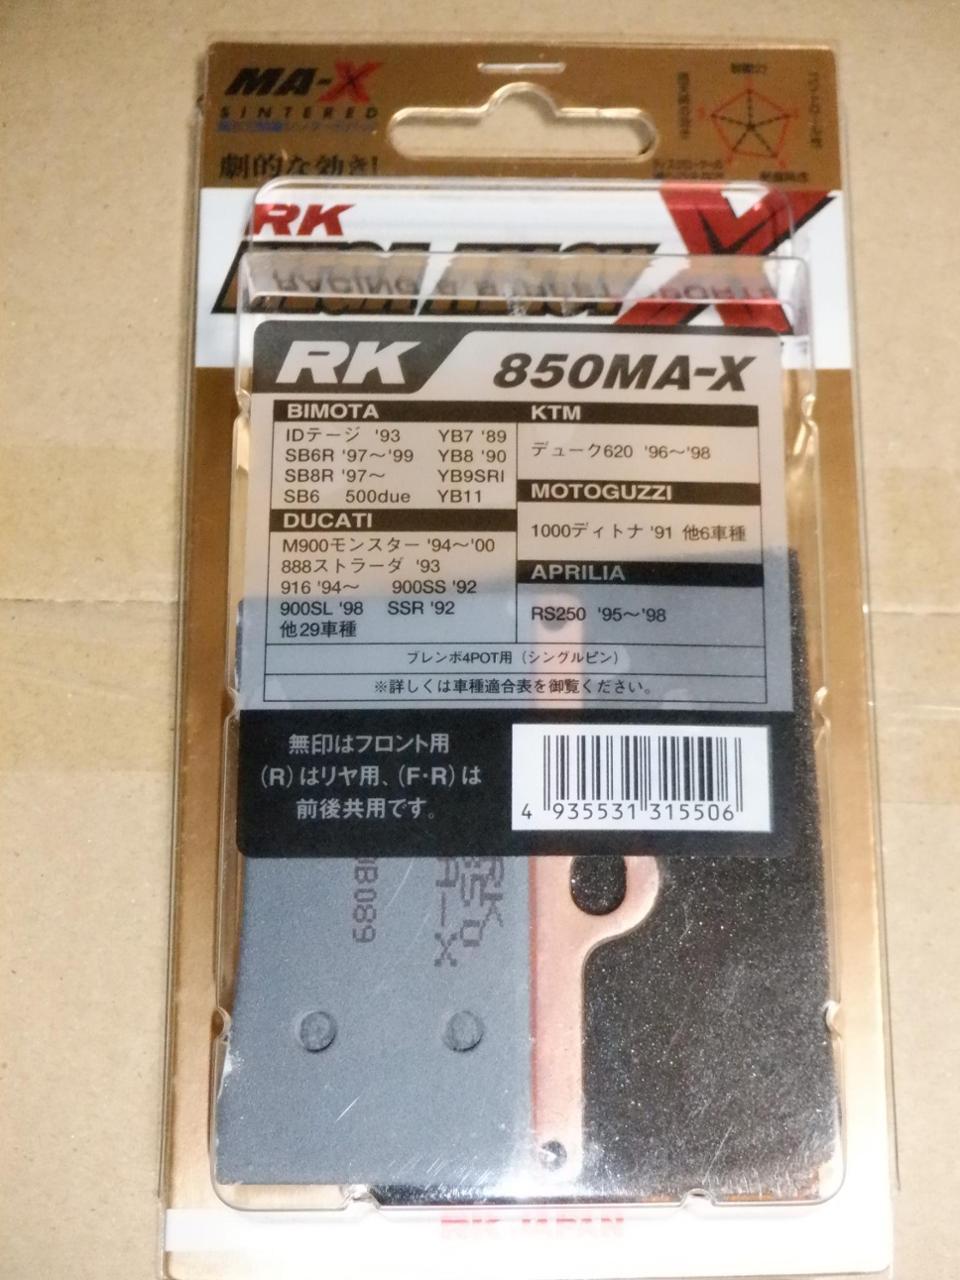 アールケー・ジャパン MEGA ALLOY X 850MA-X のパーツレビュー ...